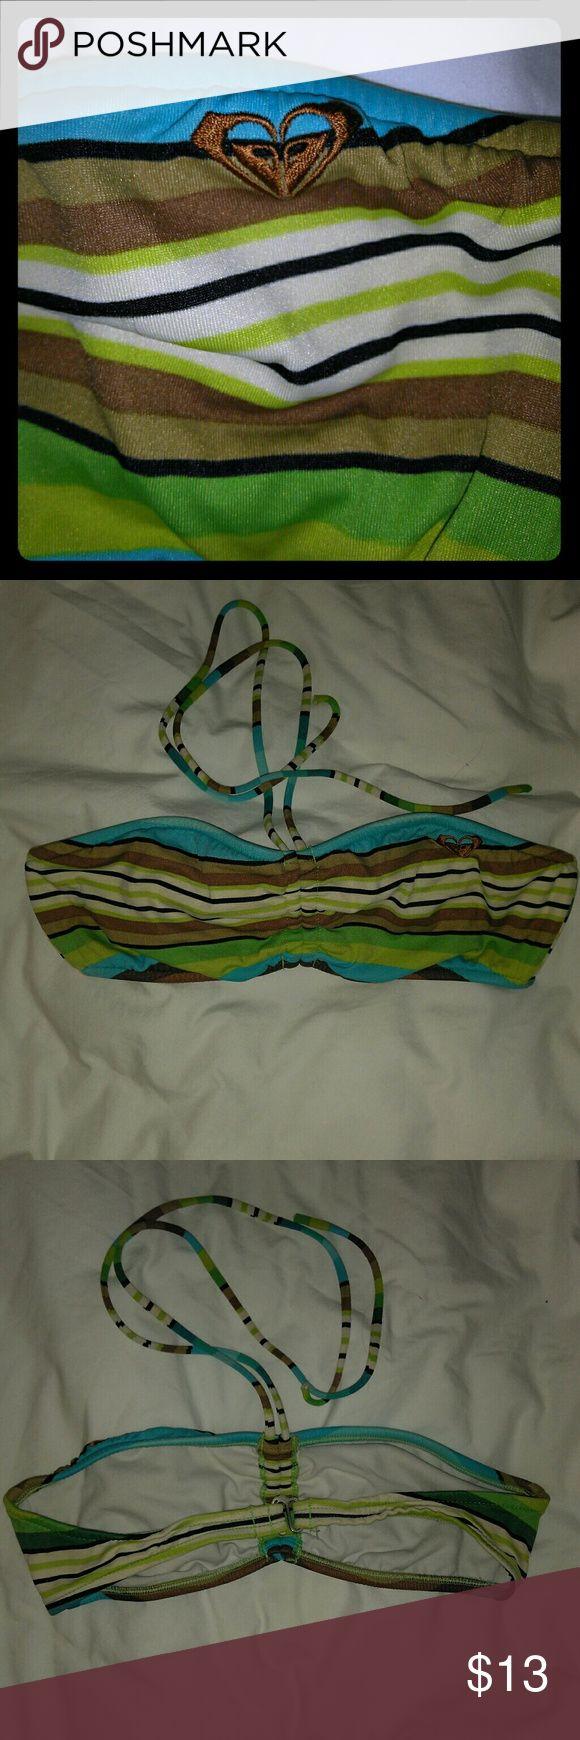 💚Roxy Bikini Top.💚 Small Roxy Bikini Top Roxy Swim Bikinis